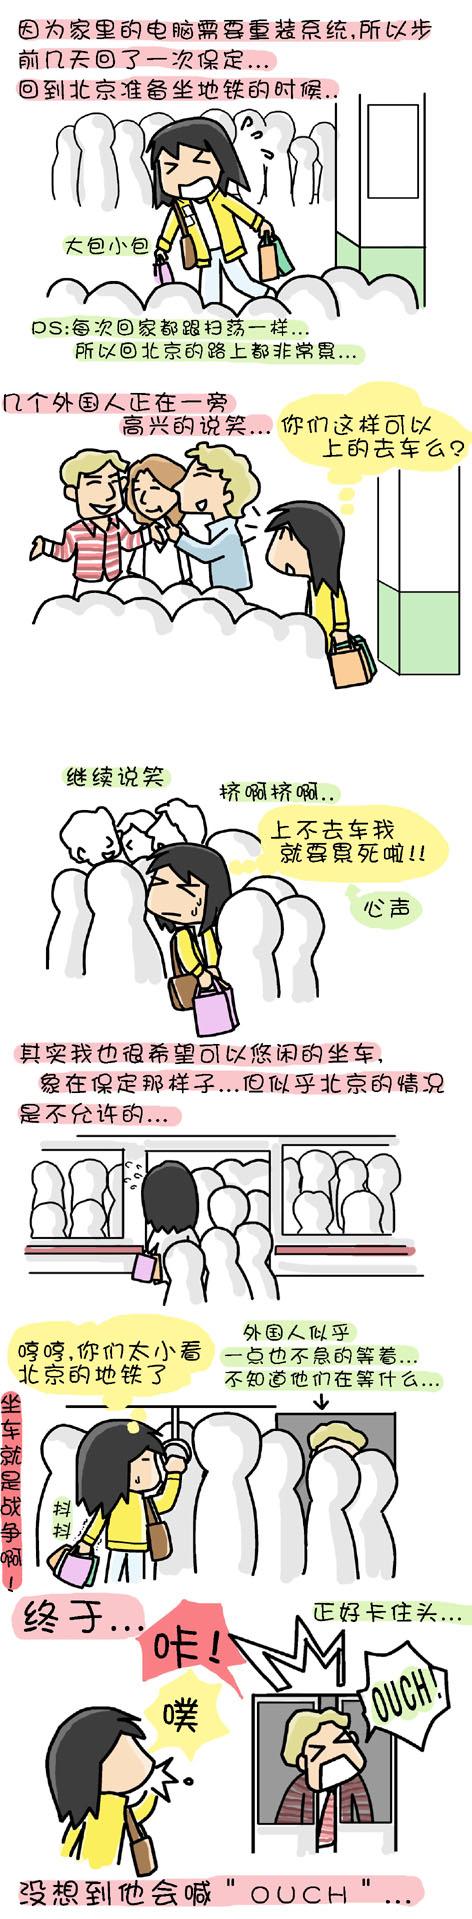 OUCH - 小步 - 小步漫画日记